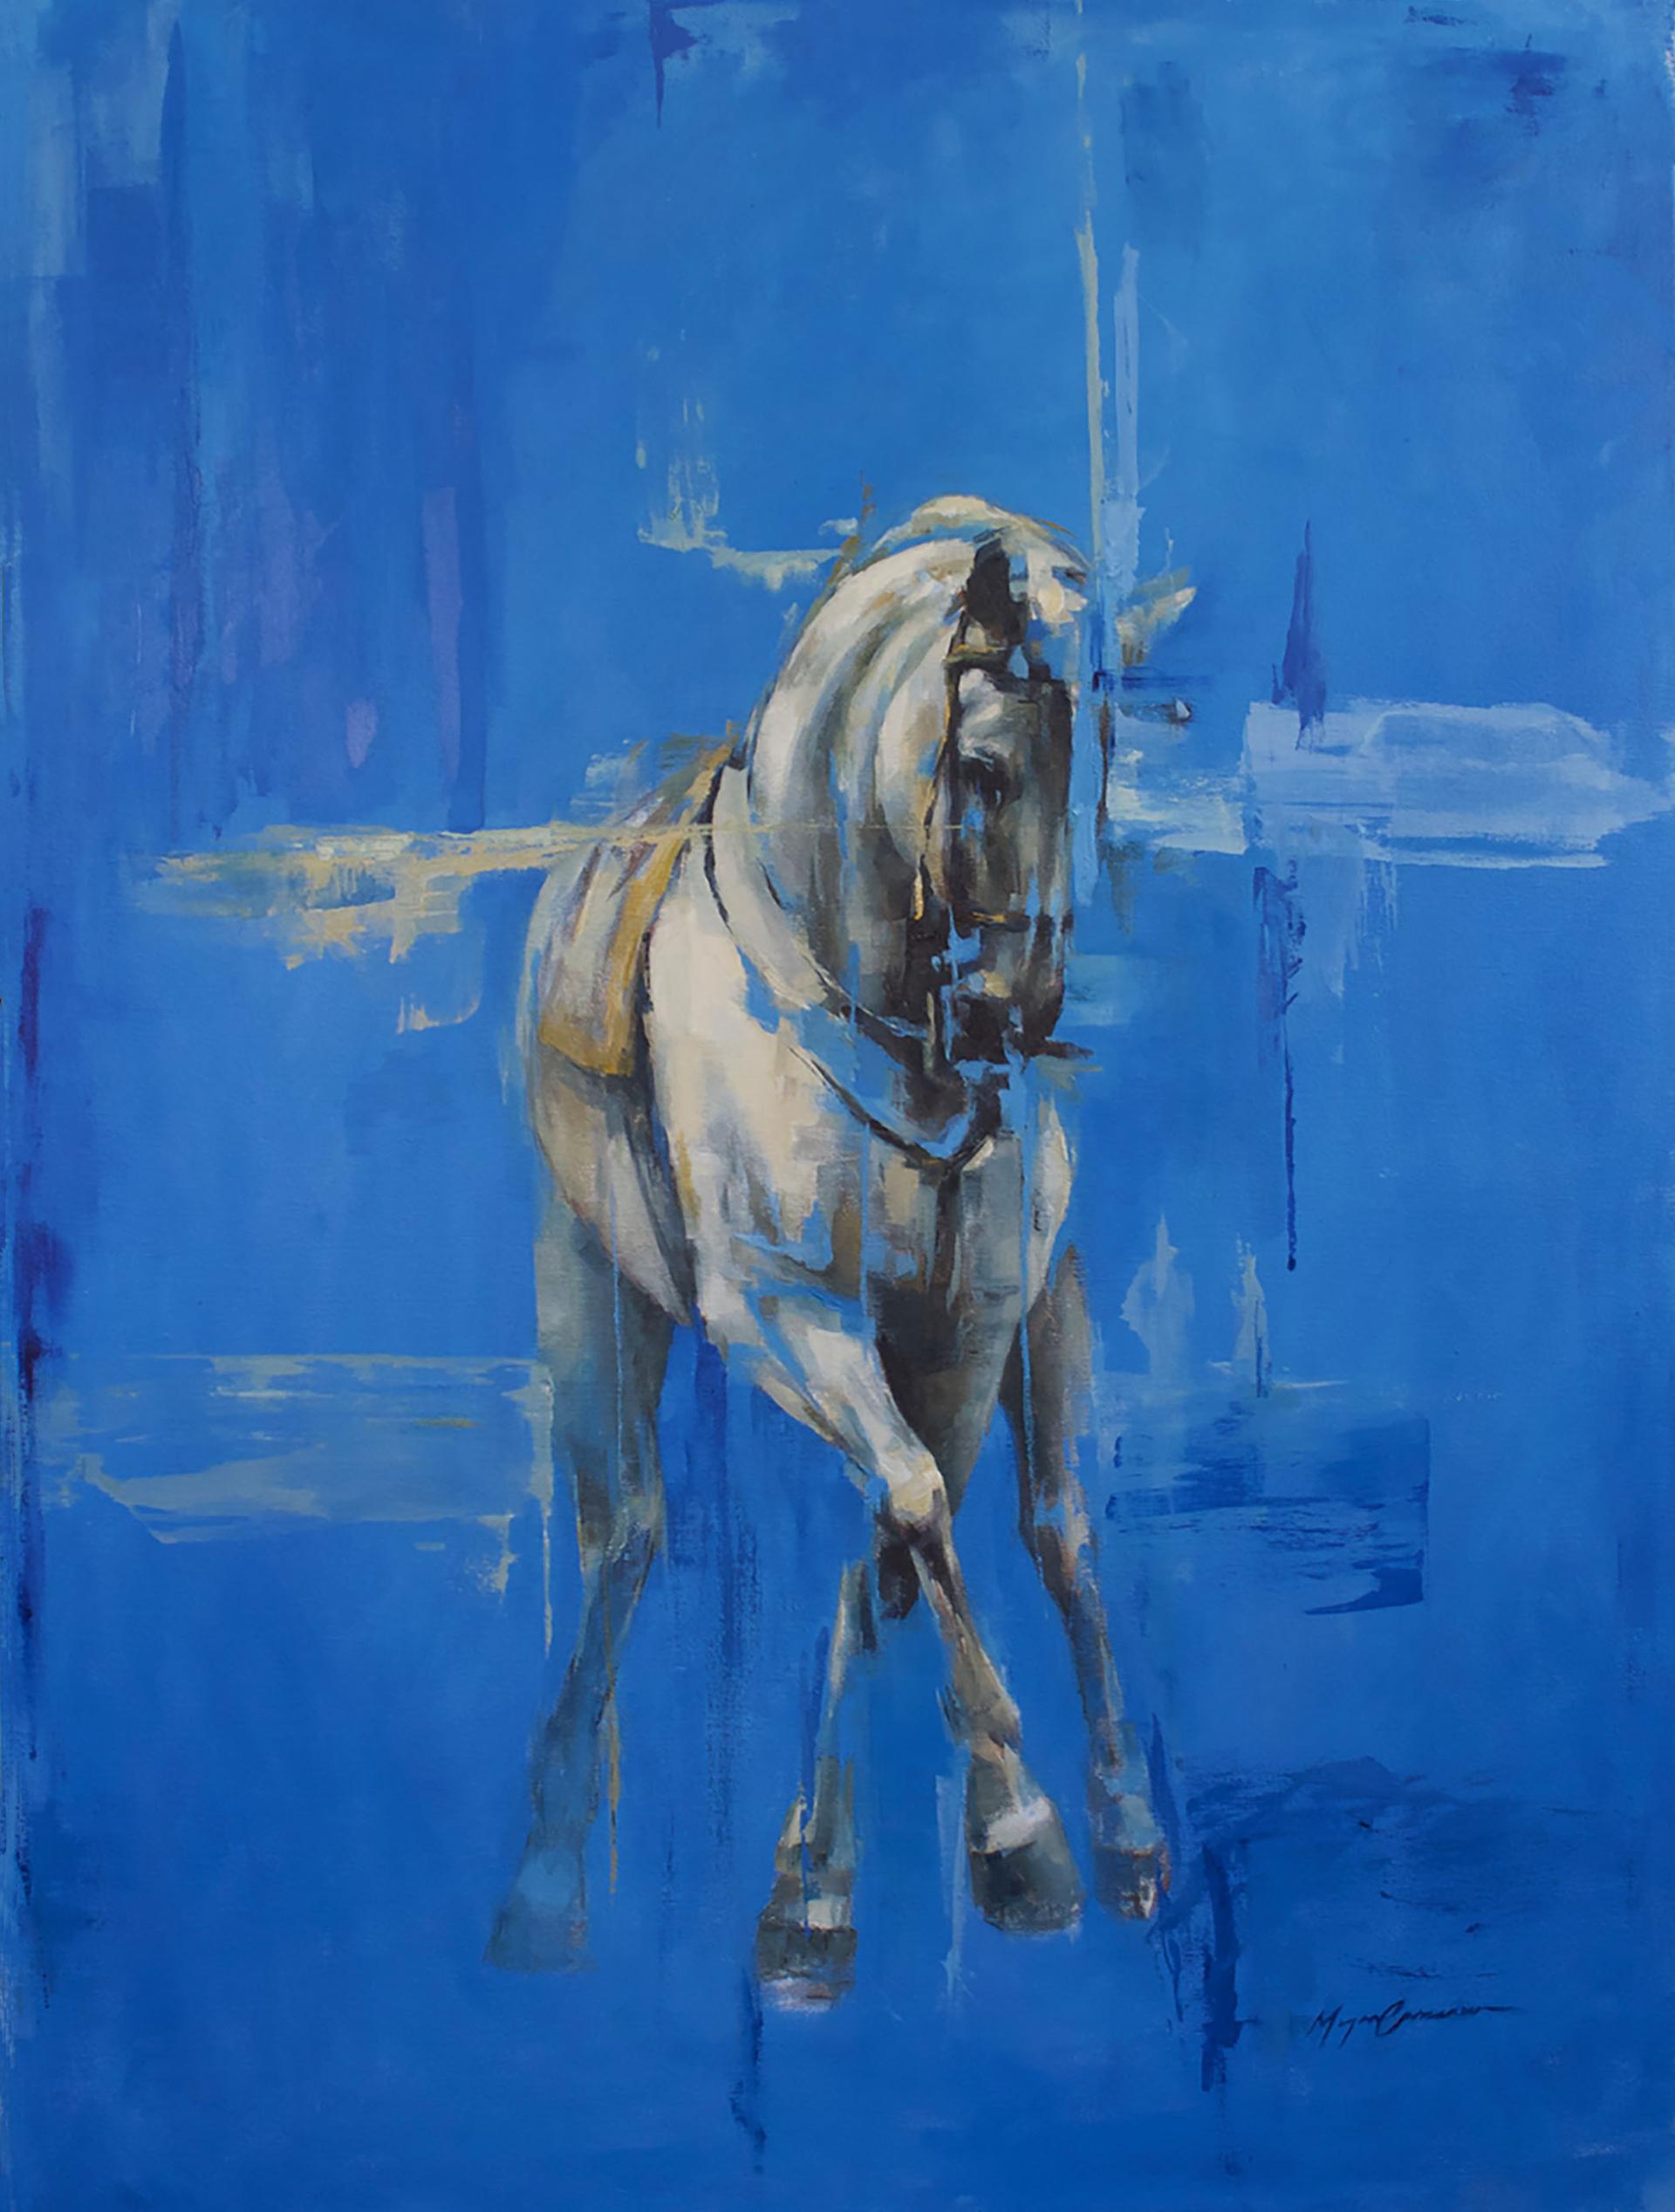 Baroque on Blue by Morgan Cameron